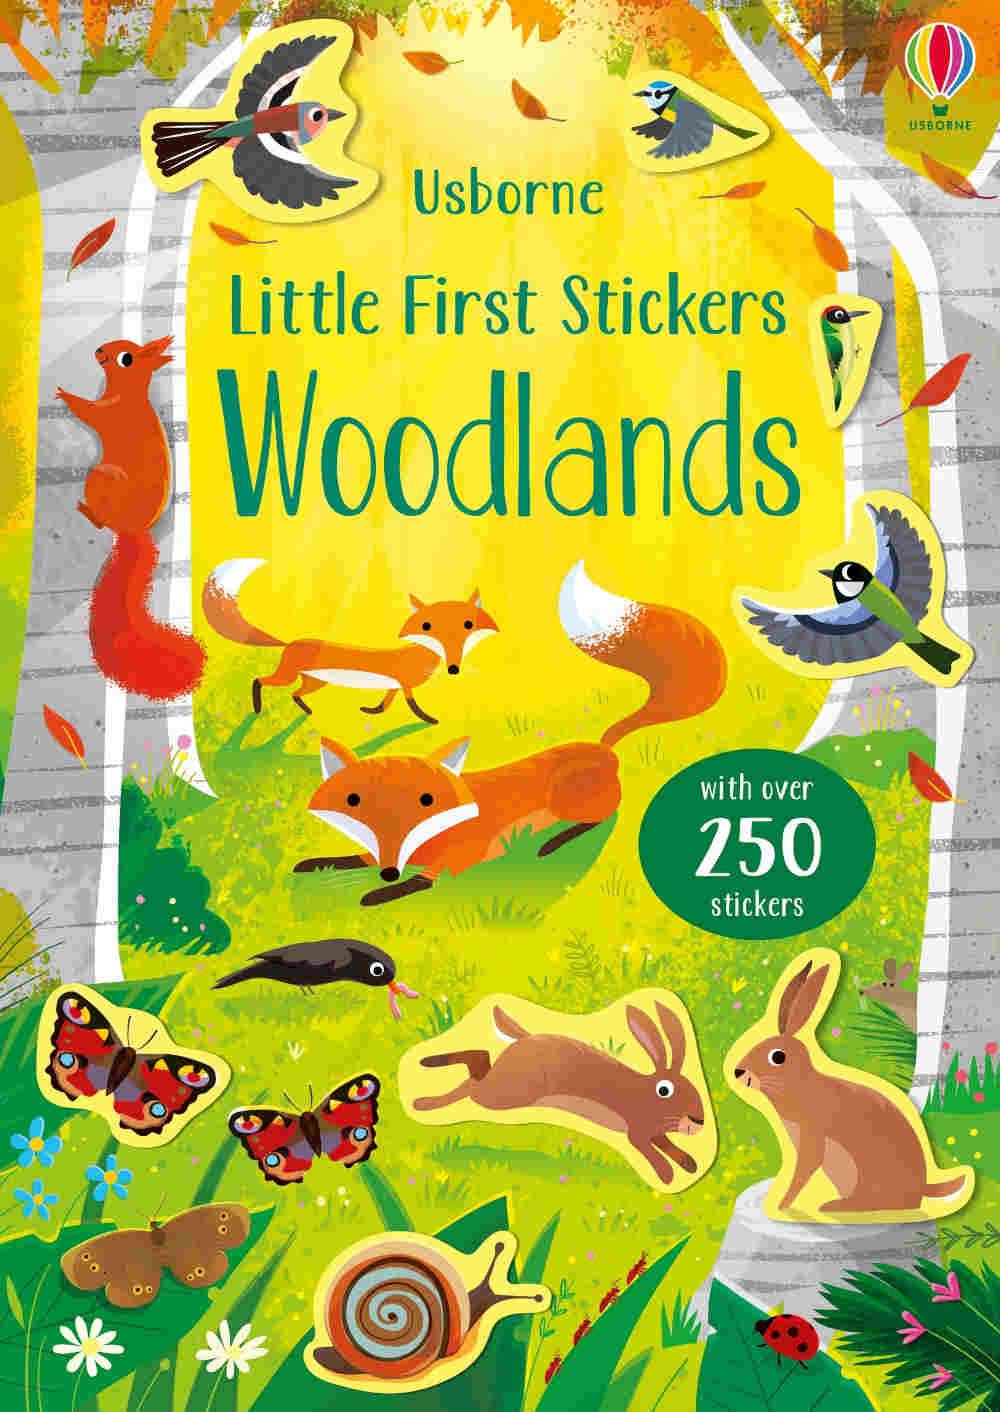 naklejki wielorazowego uźytku dla dzieci książka